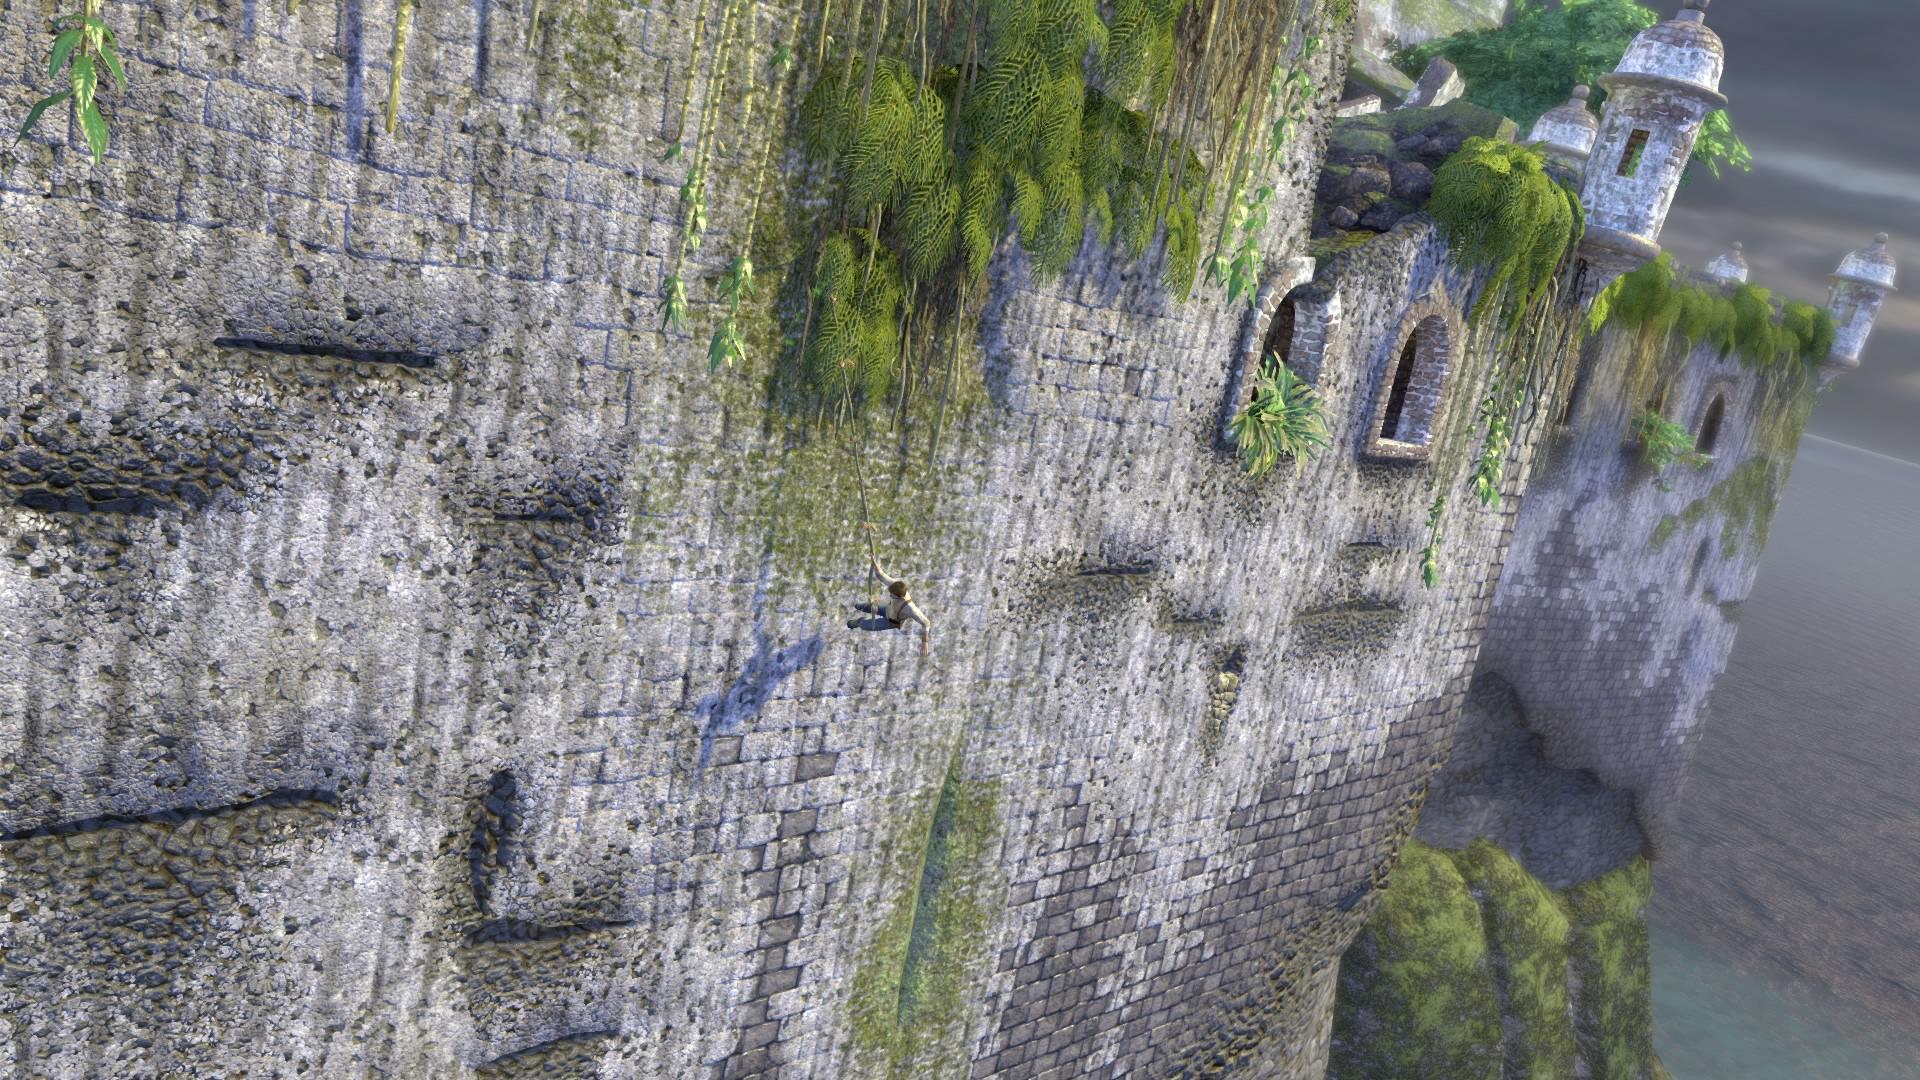 Auch Das Gehört Zu Meinem Aufgabengebiet Als Schätzjäger: Klettern Und Das Erklimmen Von Festungsmauern ... Leider ;-(